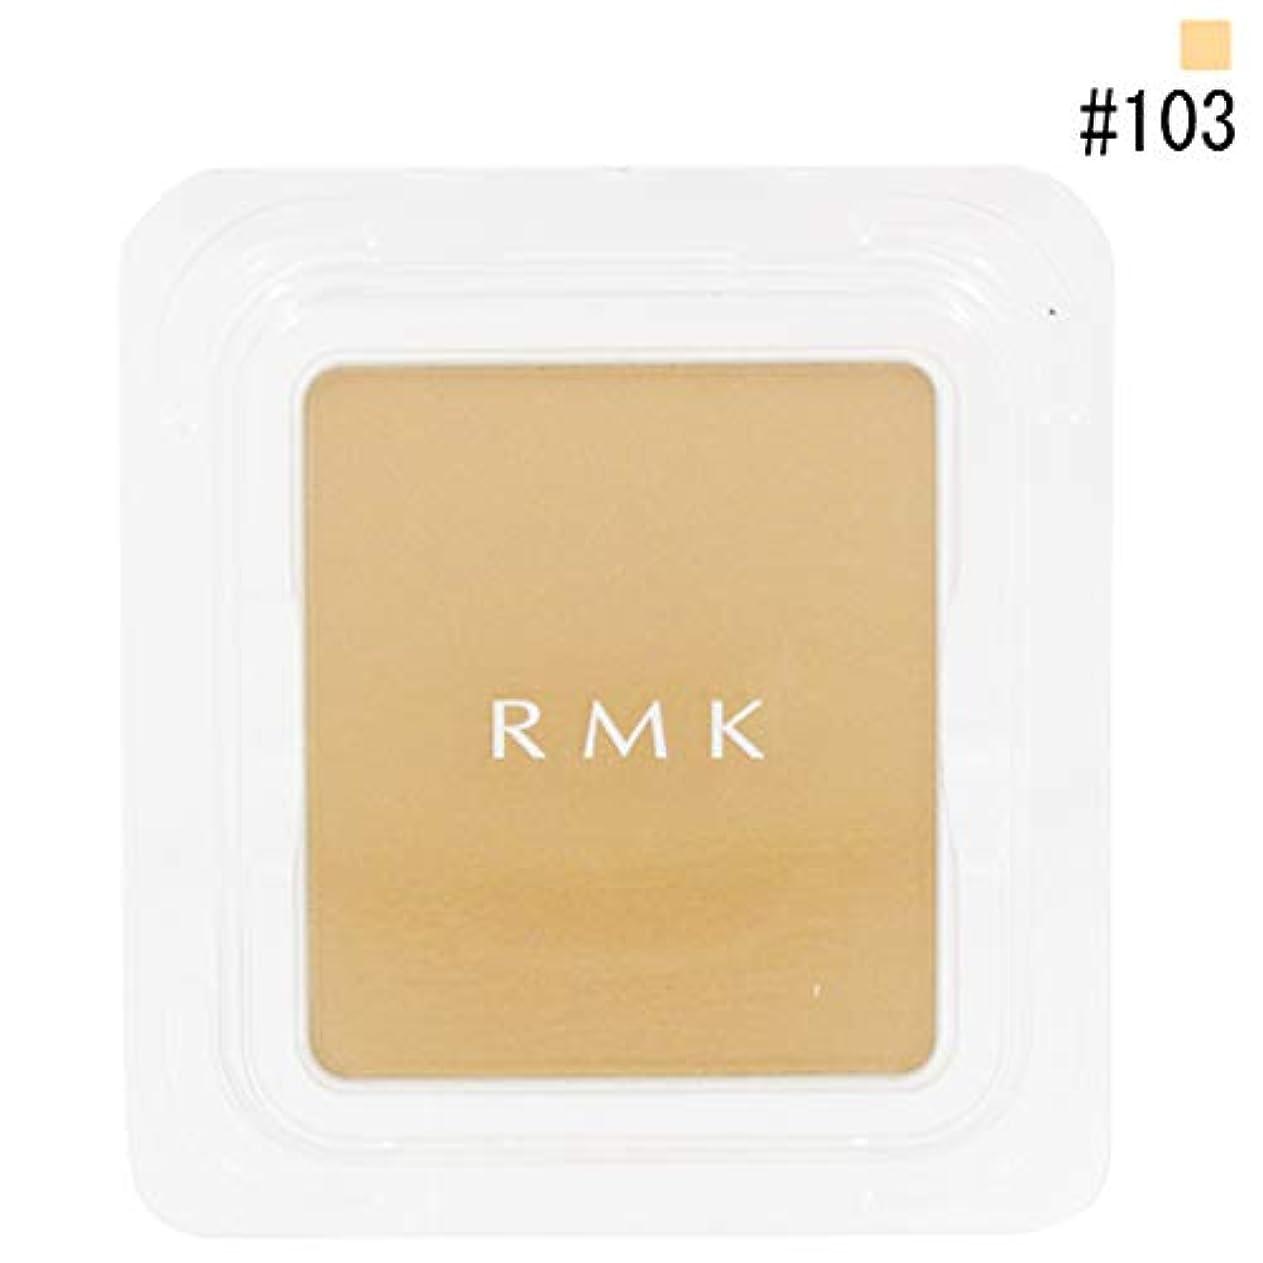 近くカルシウム適合しましたRMK アールエムケー エアリーパウダー ファンデーション (レフィル) #103 10.5g [並行輸入品]